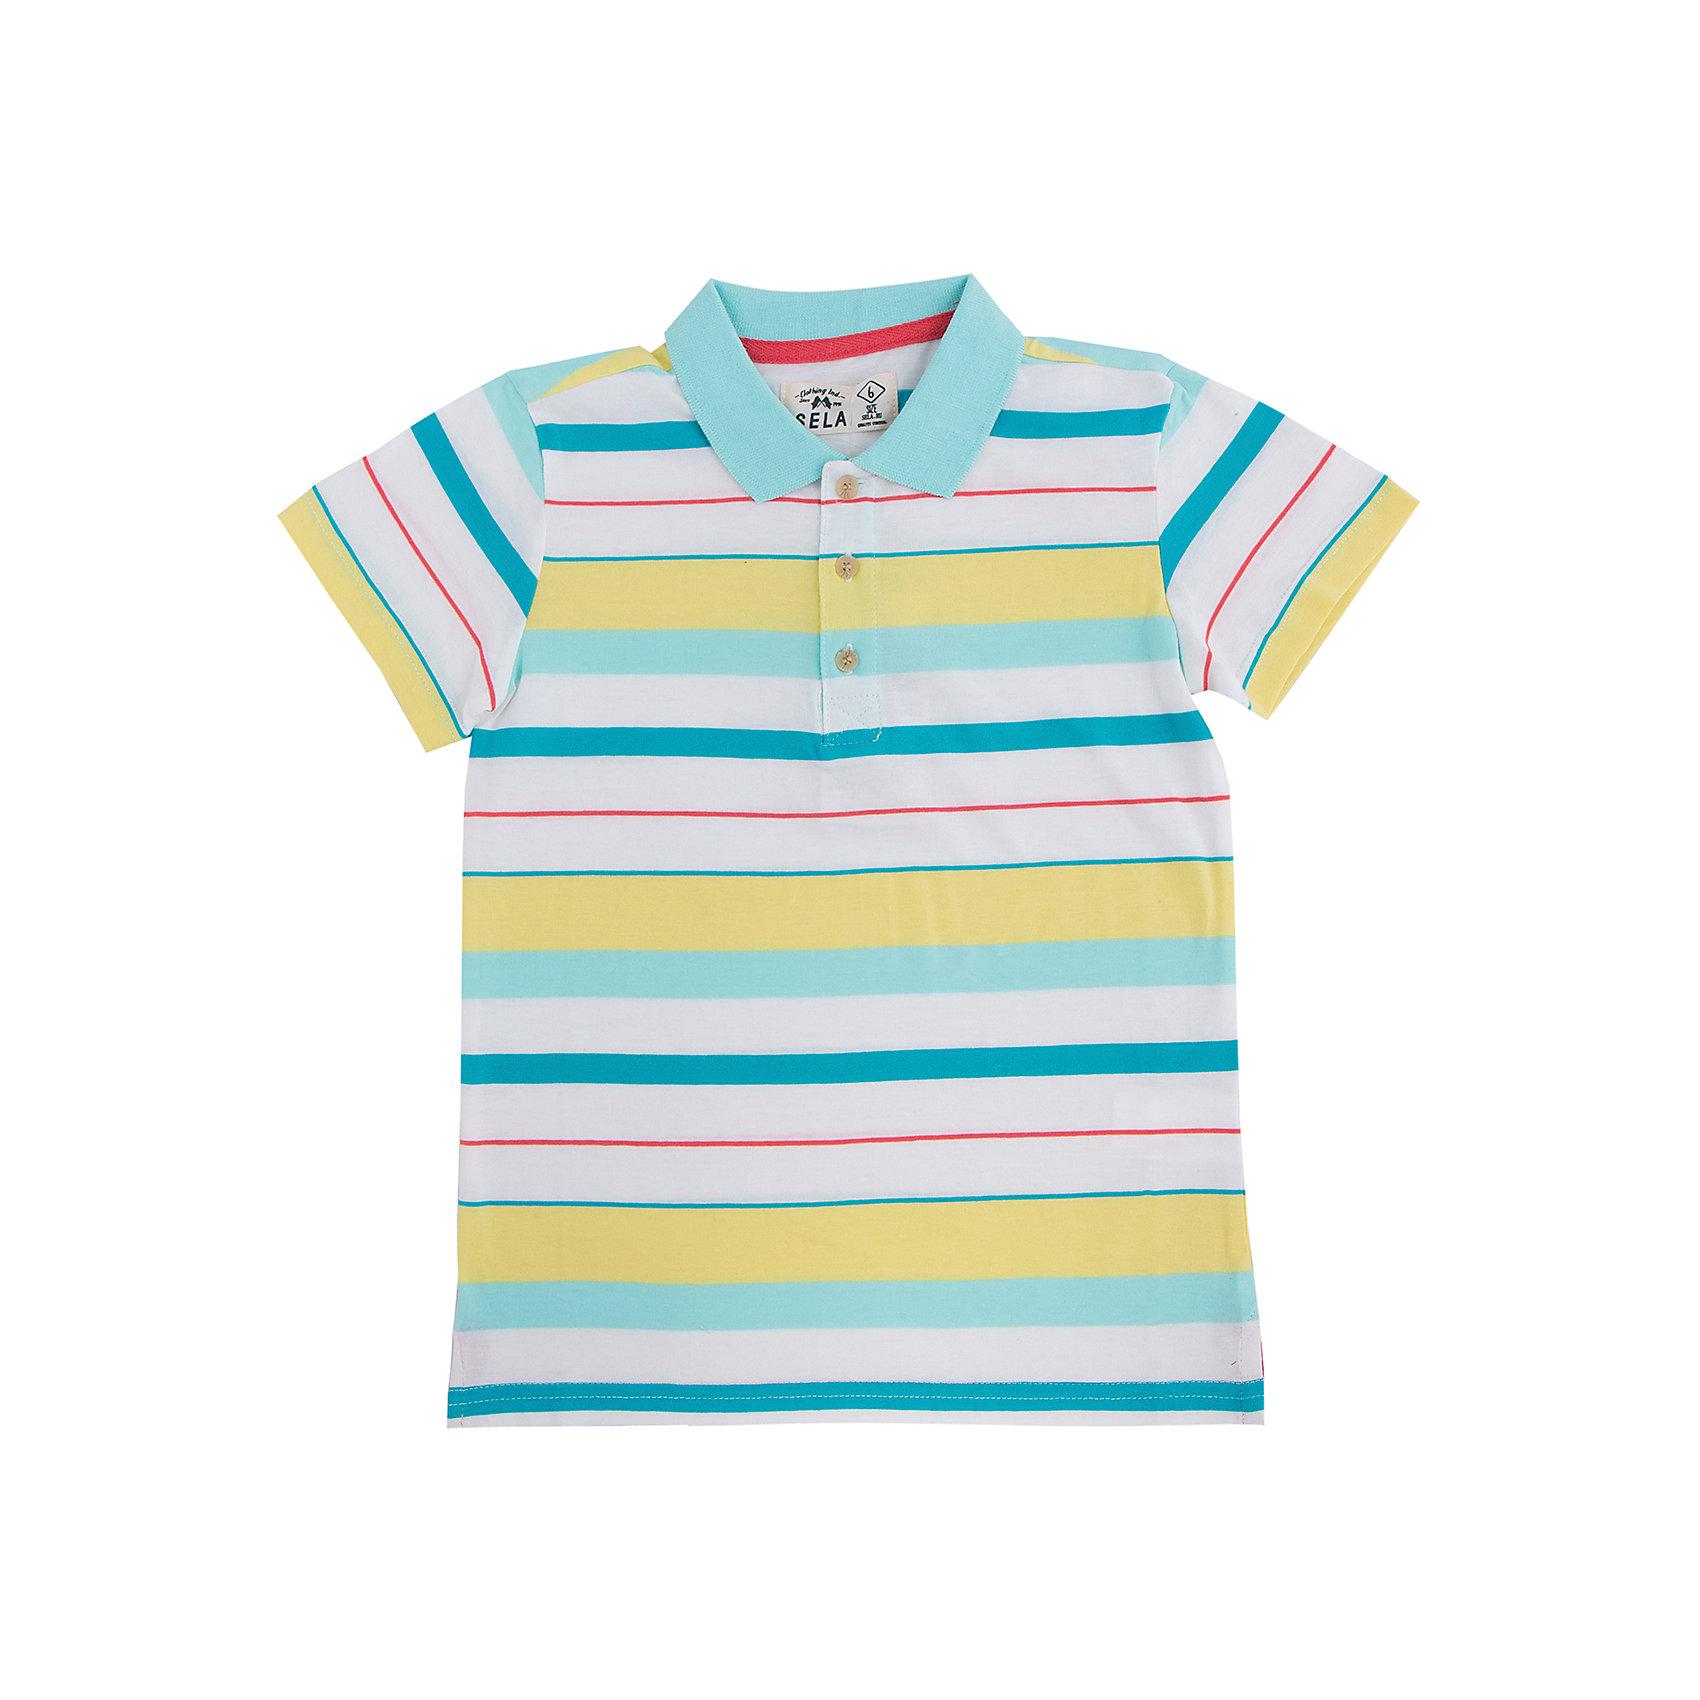 Рубашка-поло для мальчика SELAЯркая рубашка-поло для мальчика от популярного бренда SELA. Изделие выполнено из натурального гипоаллергенного трикотажа, очень мягкого, дышащего и приятного к телу, и обладает следующими особенностями:<br>- стильная полоска;<br>- аккуратный воротничок;<br>- 3 пуговицы на груди;<br>- разрезы по бокам;<br>- комфортный крой, гарантирующий свободу движений.<br>Великолепный выбор для активного и модного лета!<br><br>Дополнительная информация:<br>- состав: 100% хлопок<br>- цвет: белый + желтый + голубой<br><br>Рубашку-поло для мальчика SELA (СЕЛА) можно купить в нашем магазине<br><br>Ширина мм: 174<br>Глубина мм: 10<br>Высота мм: 169<br>Вес г: 157<br>Цвет: зеленый<br>Возраст от месяцев: 120<br>Возраст до месяцев: 132<br>Пол: Мужской<br>Возраст: Детский<br>Размер: 146,116,122,128,134,140,152<br>SKU: 4737234